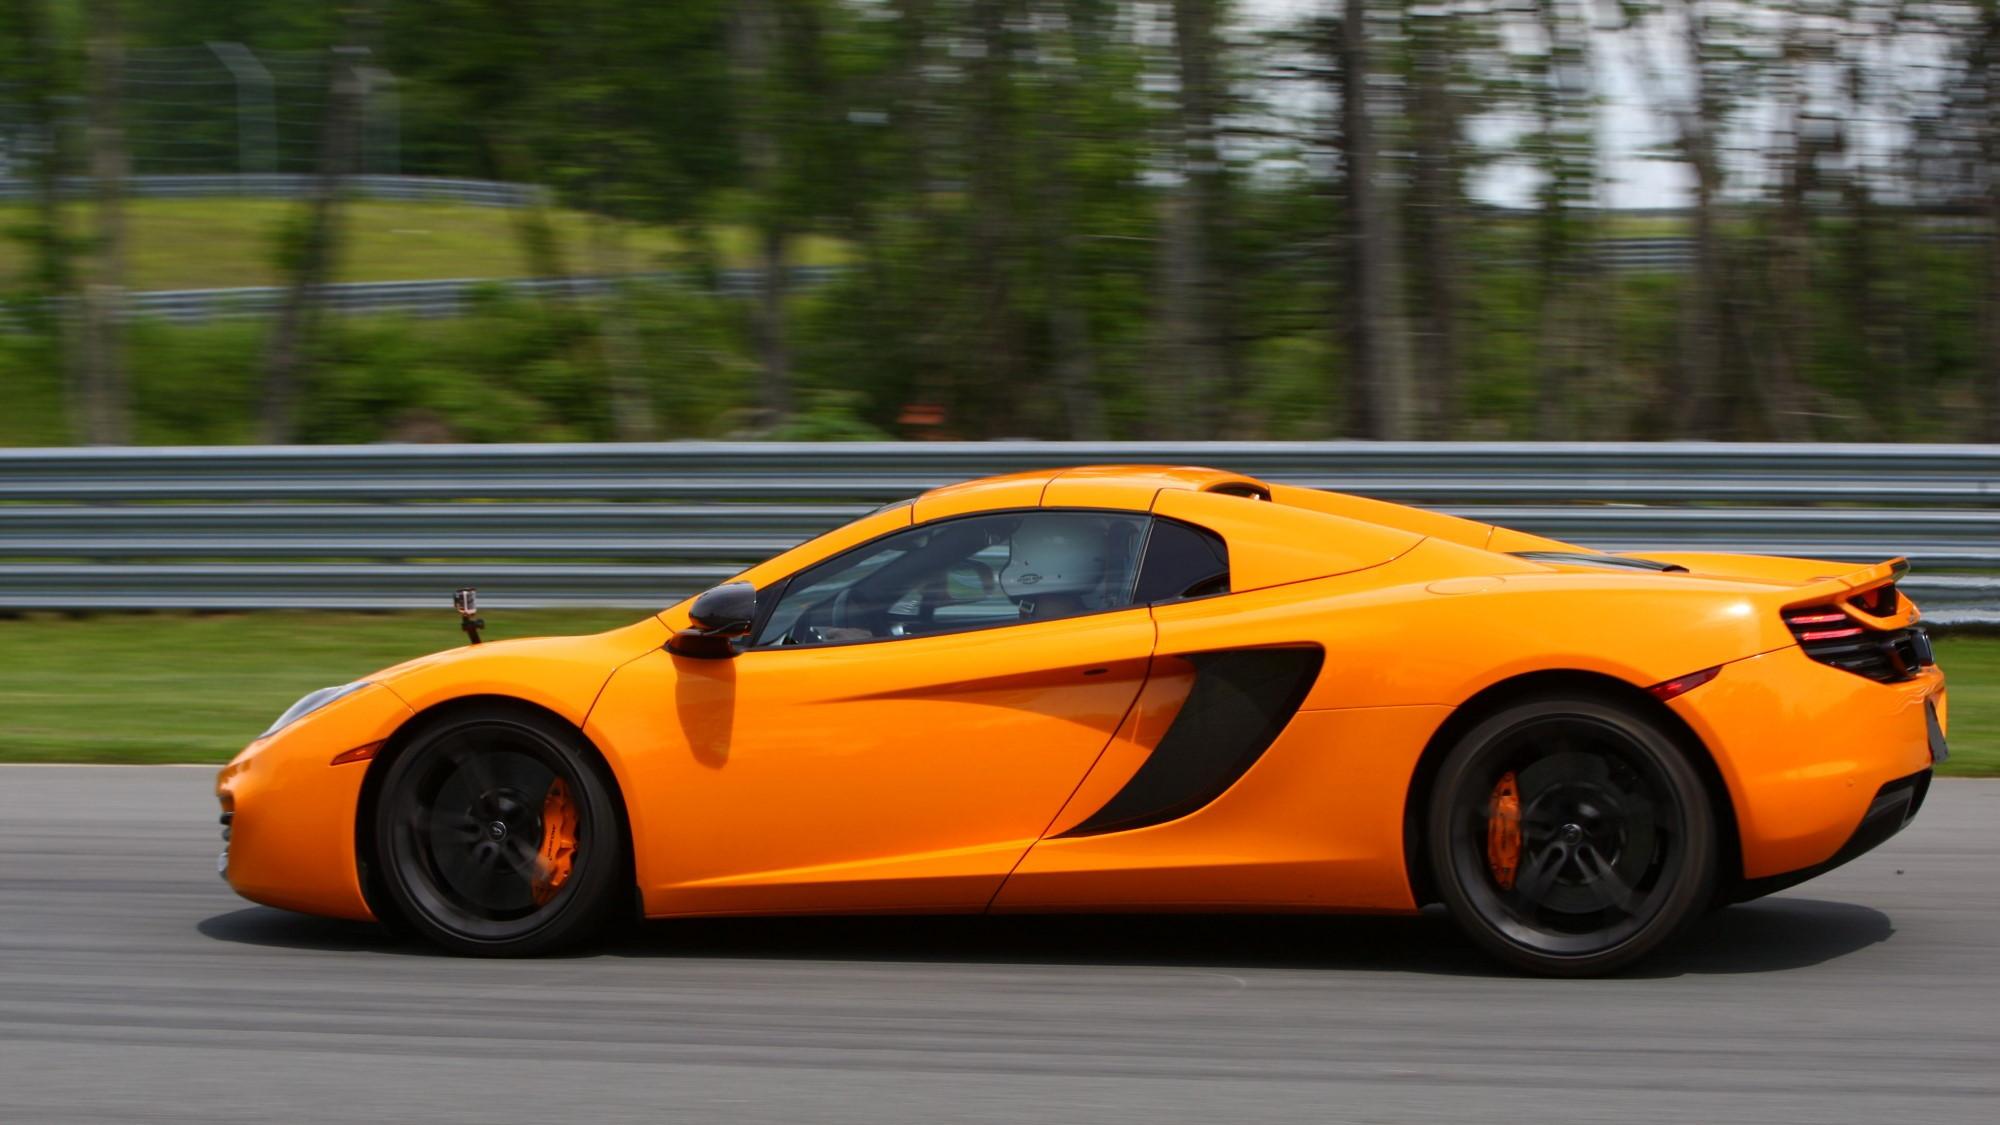 2013 McLaren MP4-12C Spider track day